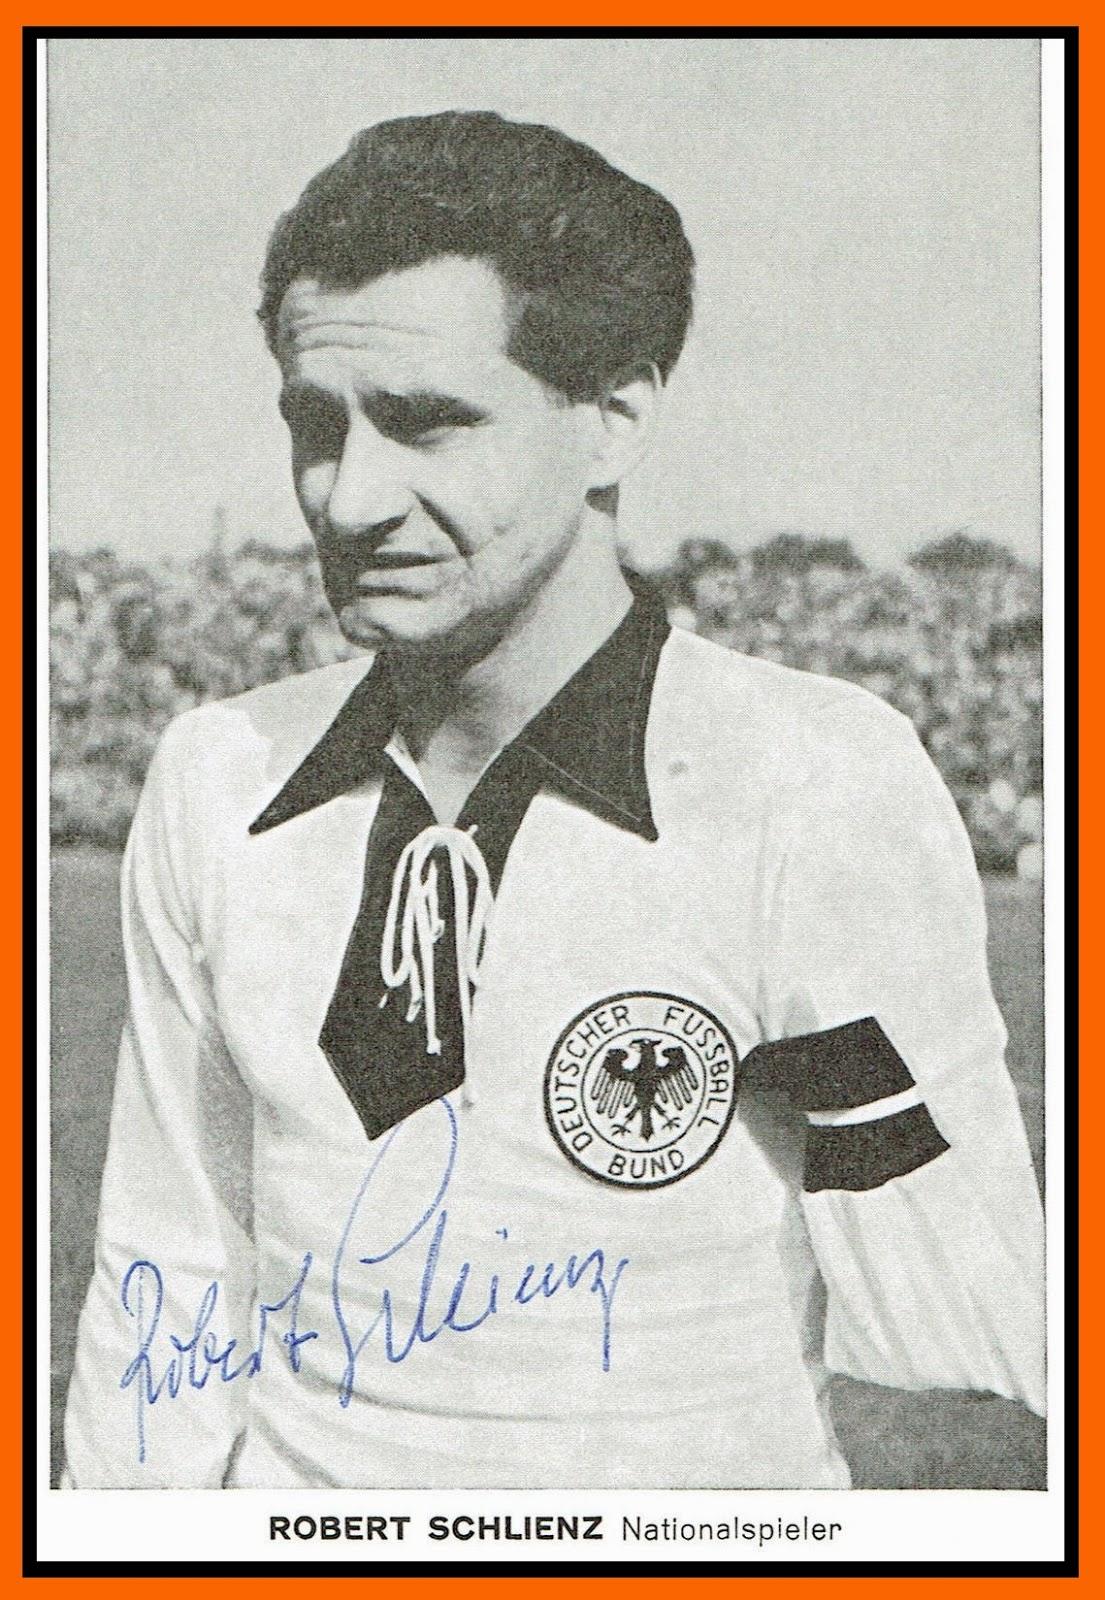 Robert Schlienz